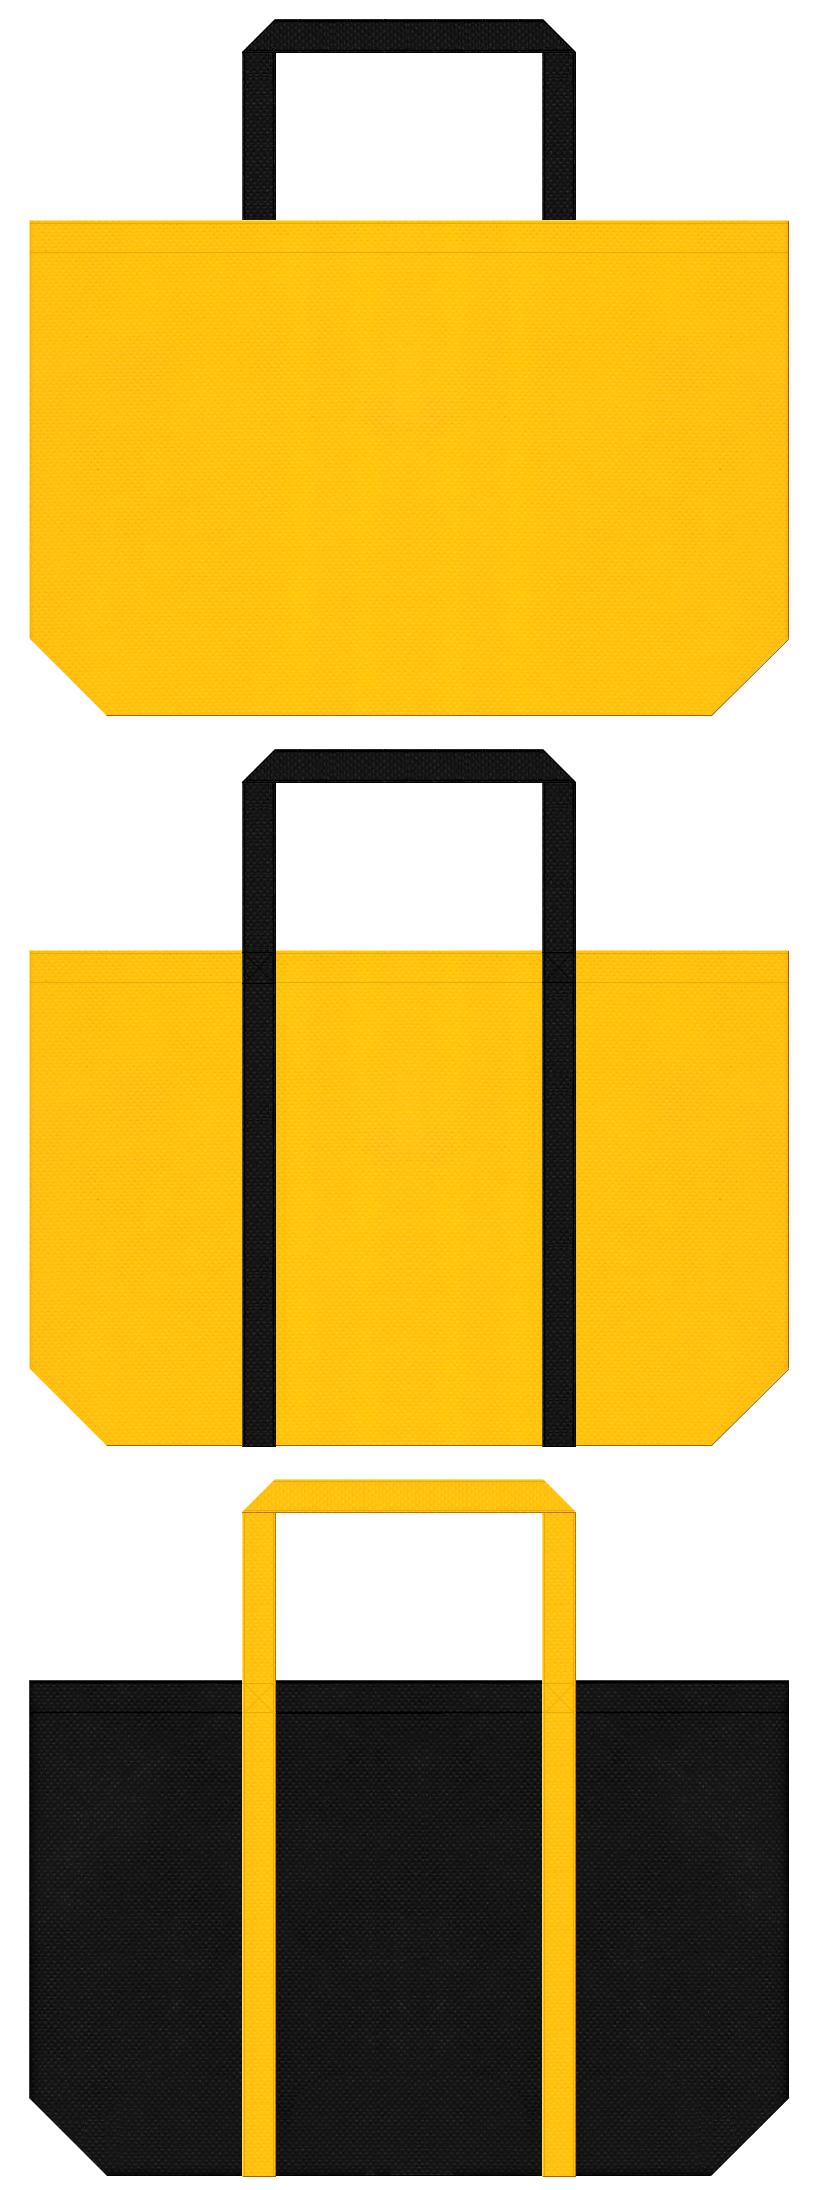 電気・通信・ユニフォーム・運動靴・アウトドア・スポーツイベント・エンジンオイル・フォグランプ・カー用品・保安・セキュリティ・道路工事・安全用品の展示会用バッグにお奨めの不織布バッグデザイン:黄色と黒色のコーデ